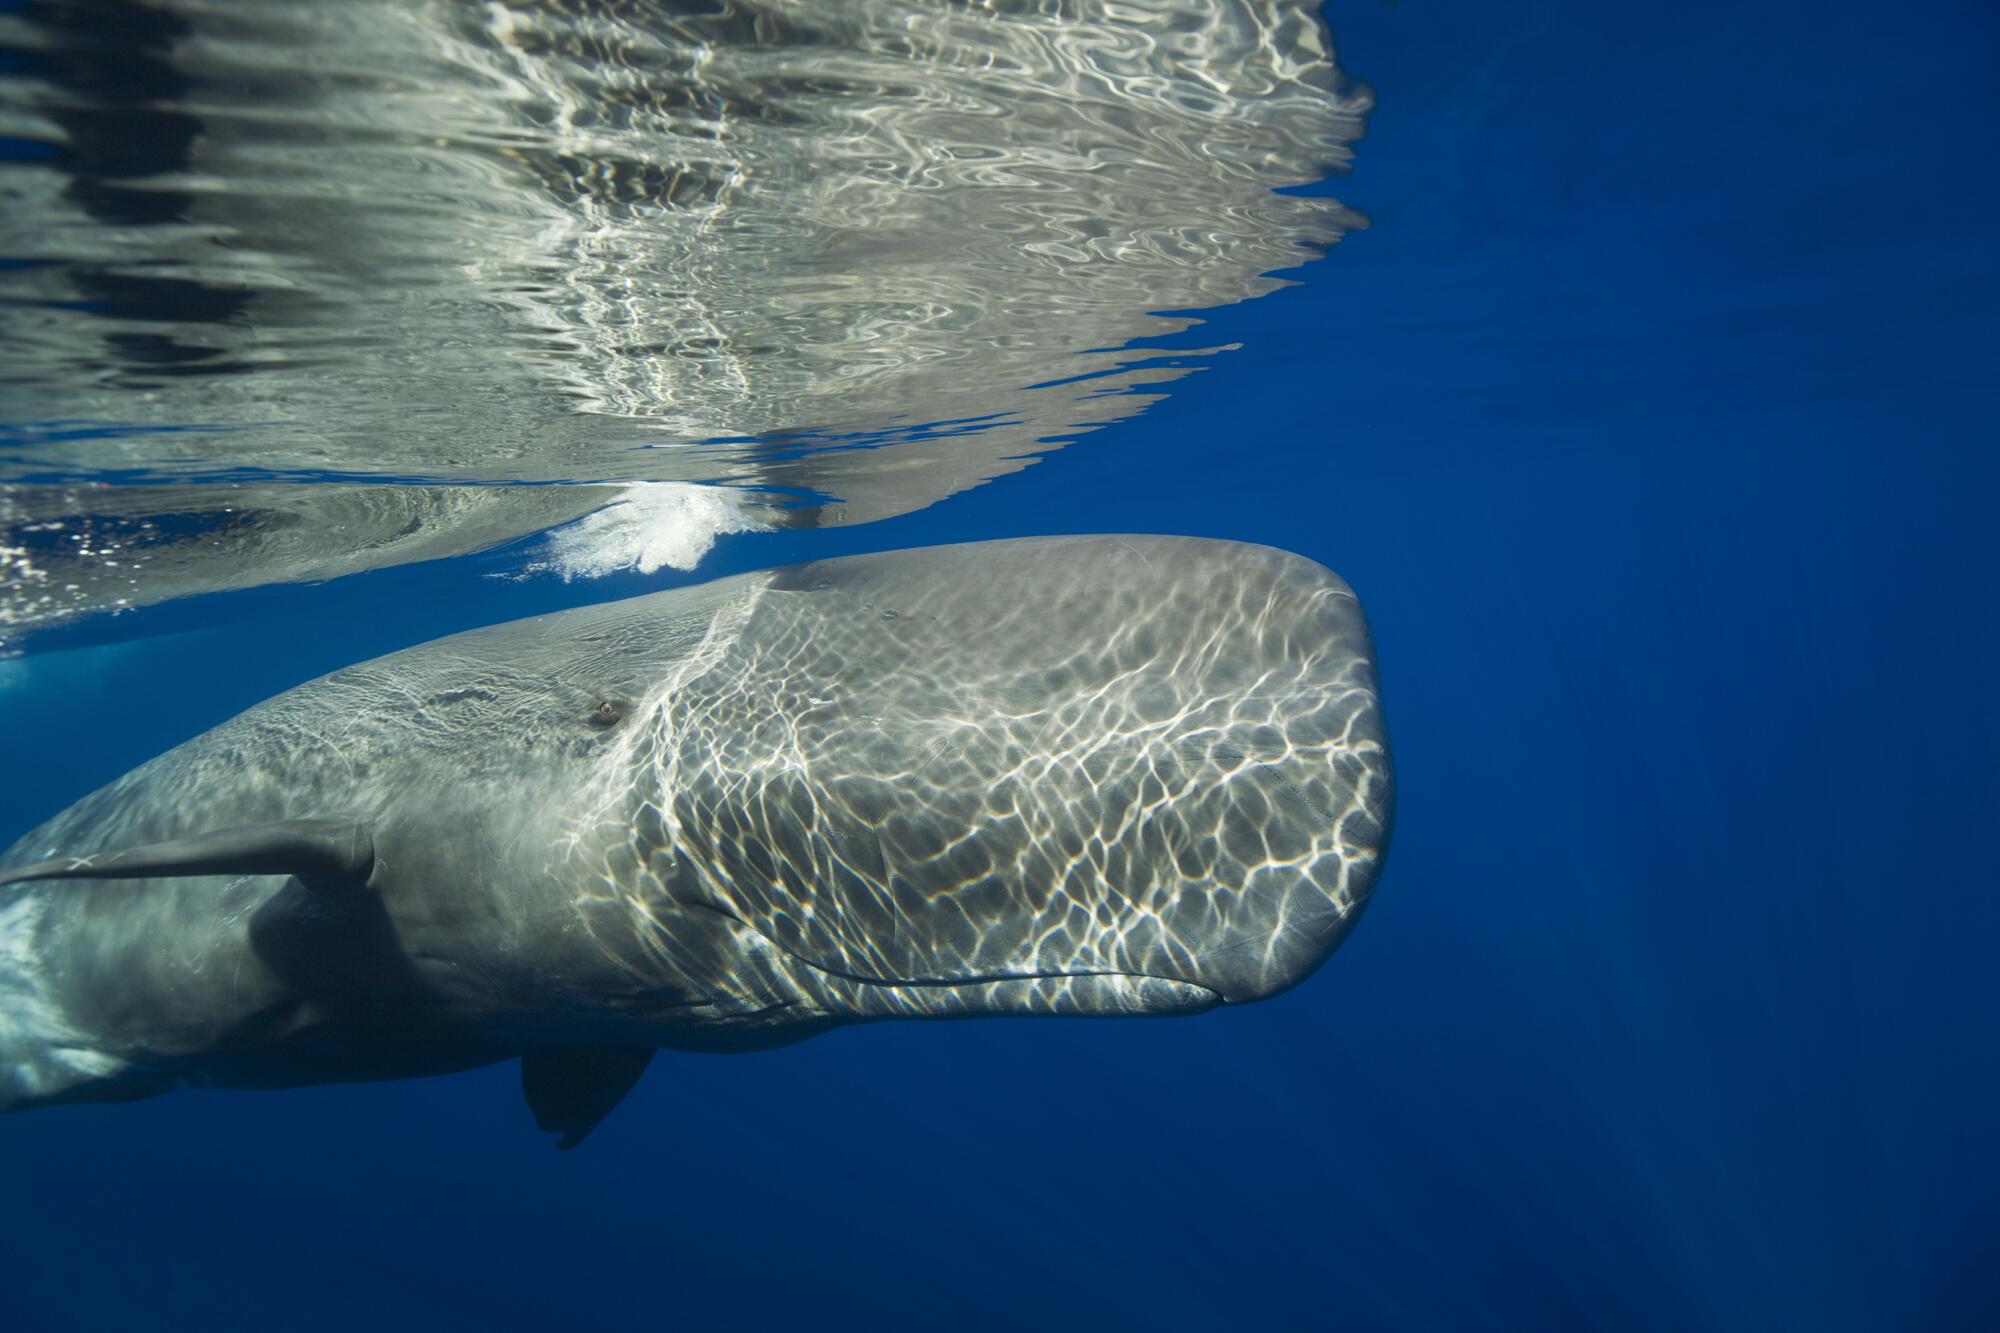 Un grand cachalot dans l'océan Atlantique, près de l'archipel des Açores.